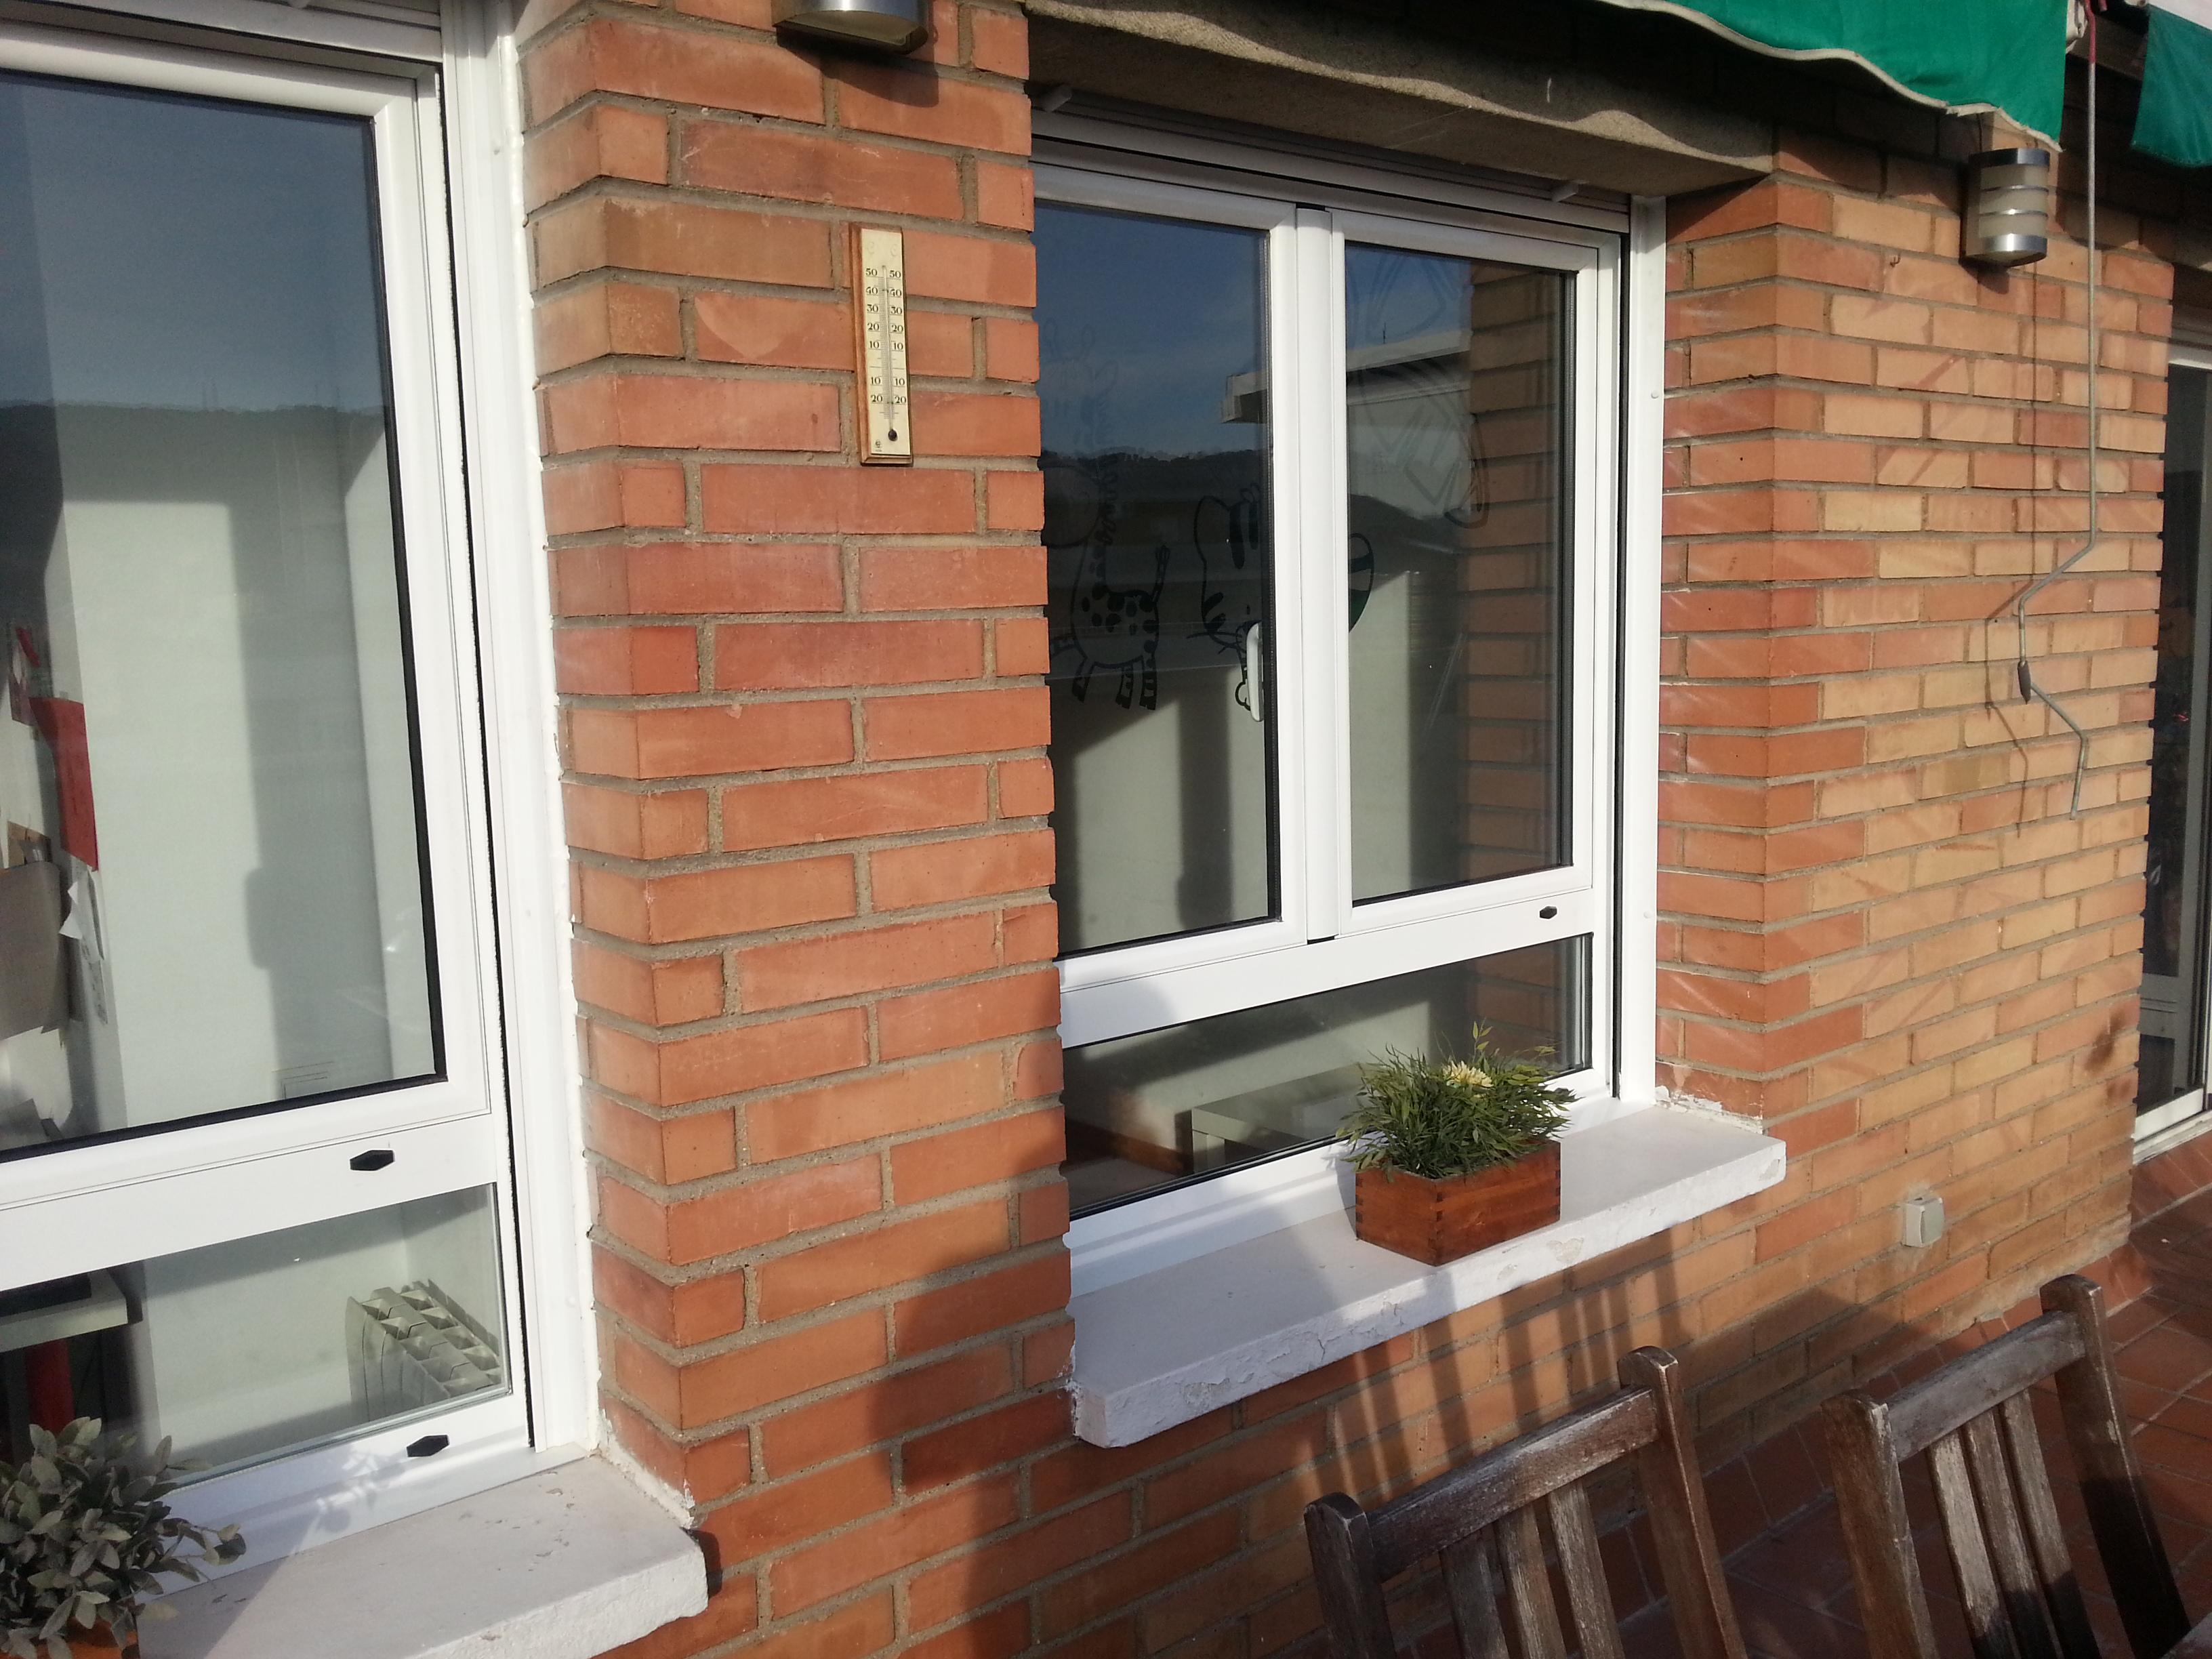 Ventanas de aluminio lacado blanco abisagradas con fijo for Precio poner ventanas aluminio